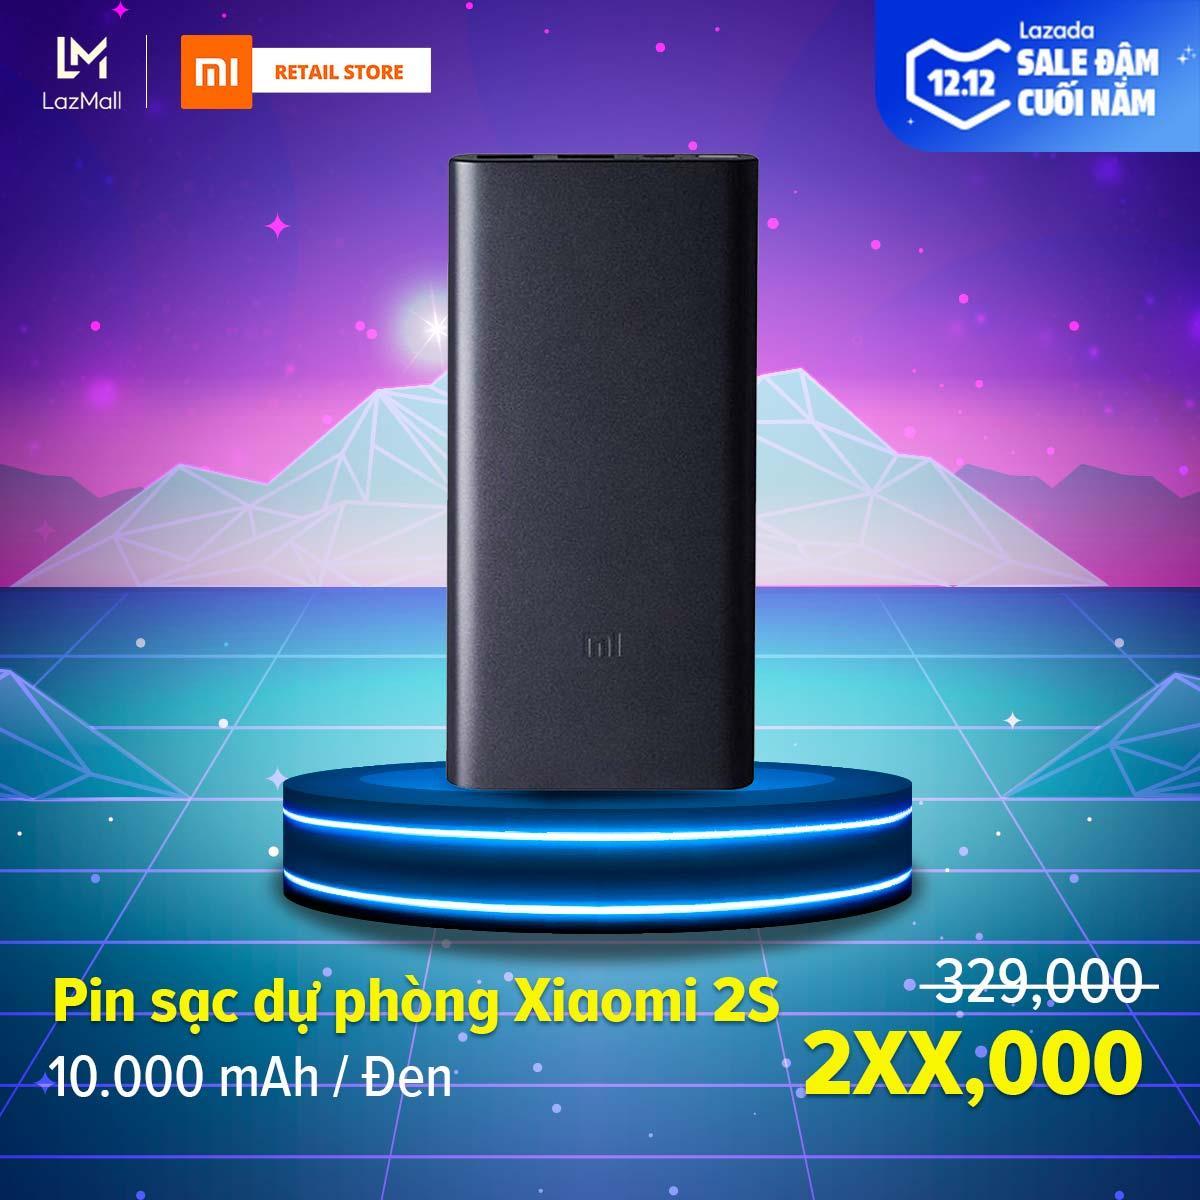 Deal Ưu Đãi [HÀNG CHÍNH HÃNG] Pin Sạc Dự Phòng Xiaomi 2S 10.000 MAh - Max 18W - Input Micro-USB / Output USB-A X2 - Vỏ Hộp Kim Nhôm Nguyên Khối Siêu Mỏng